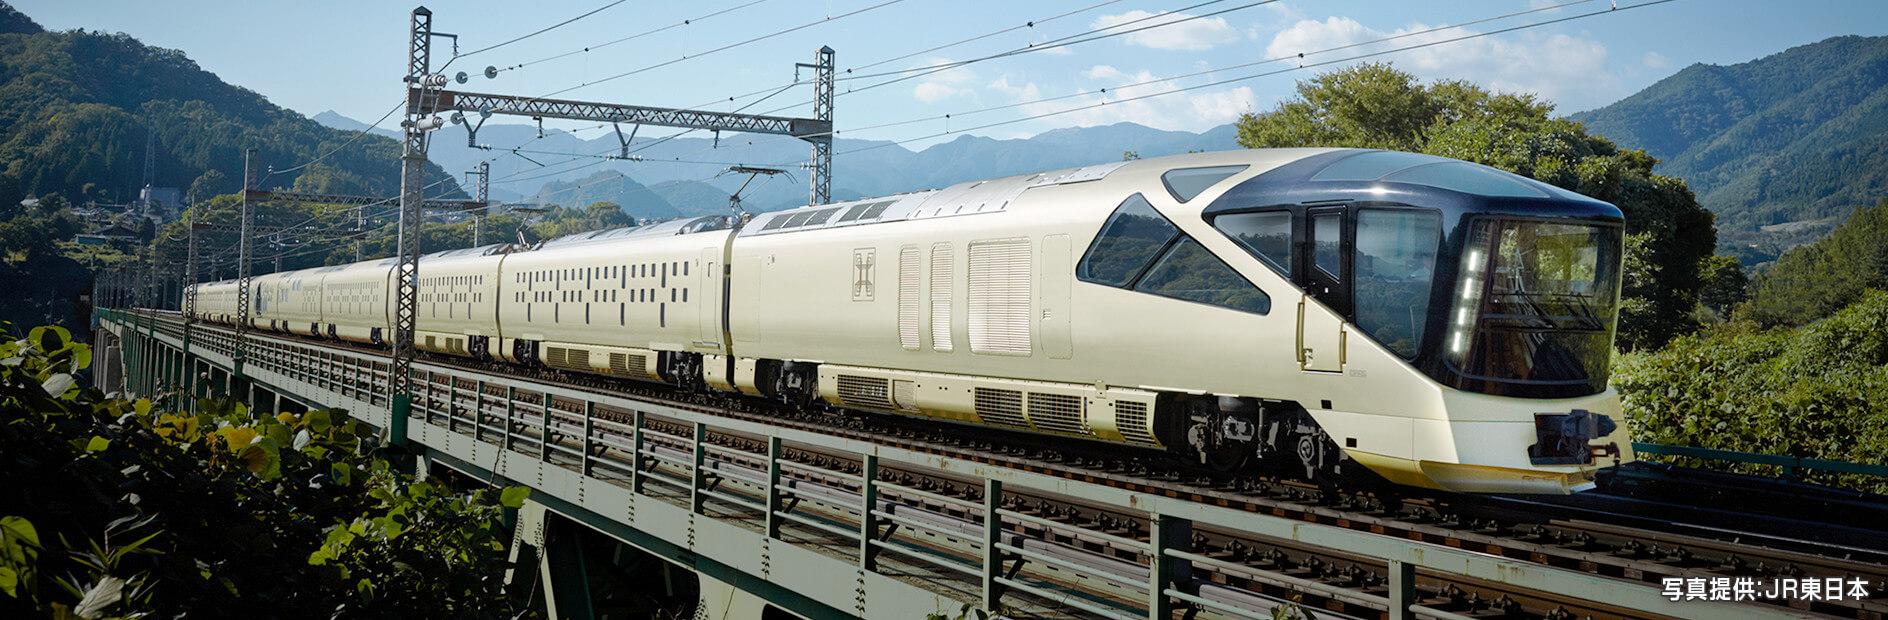 写真提供:JR東日本